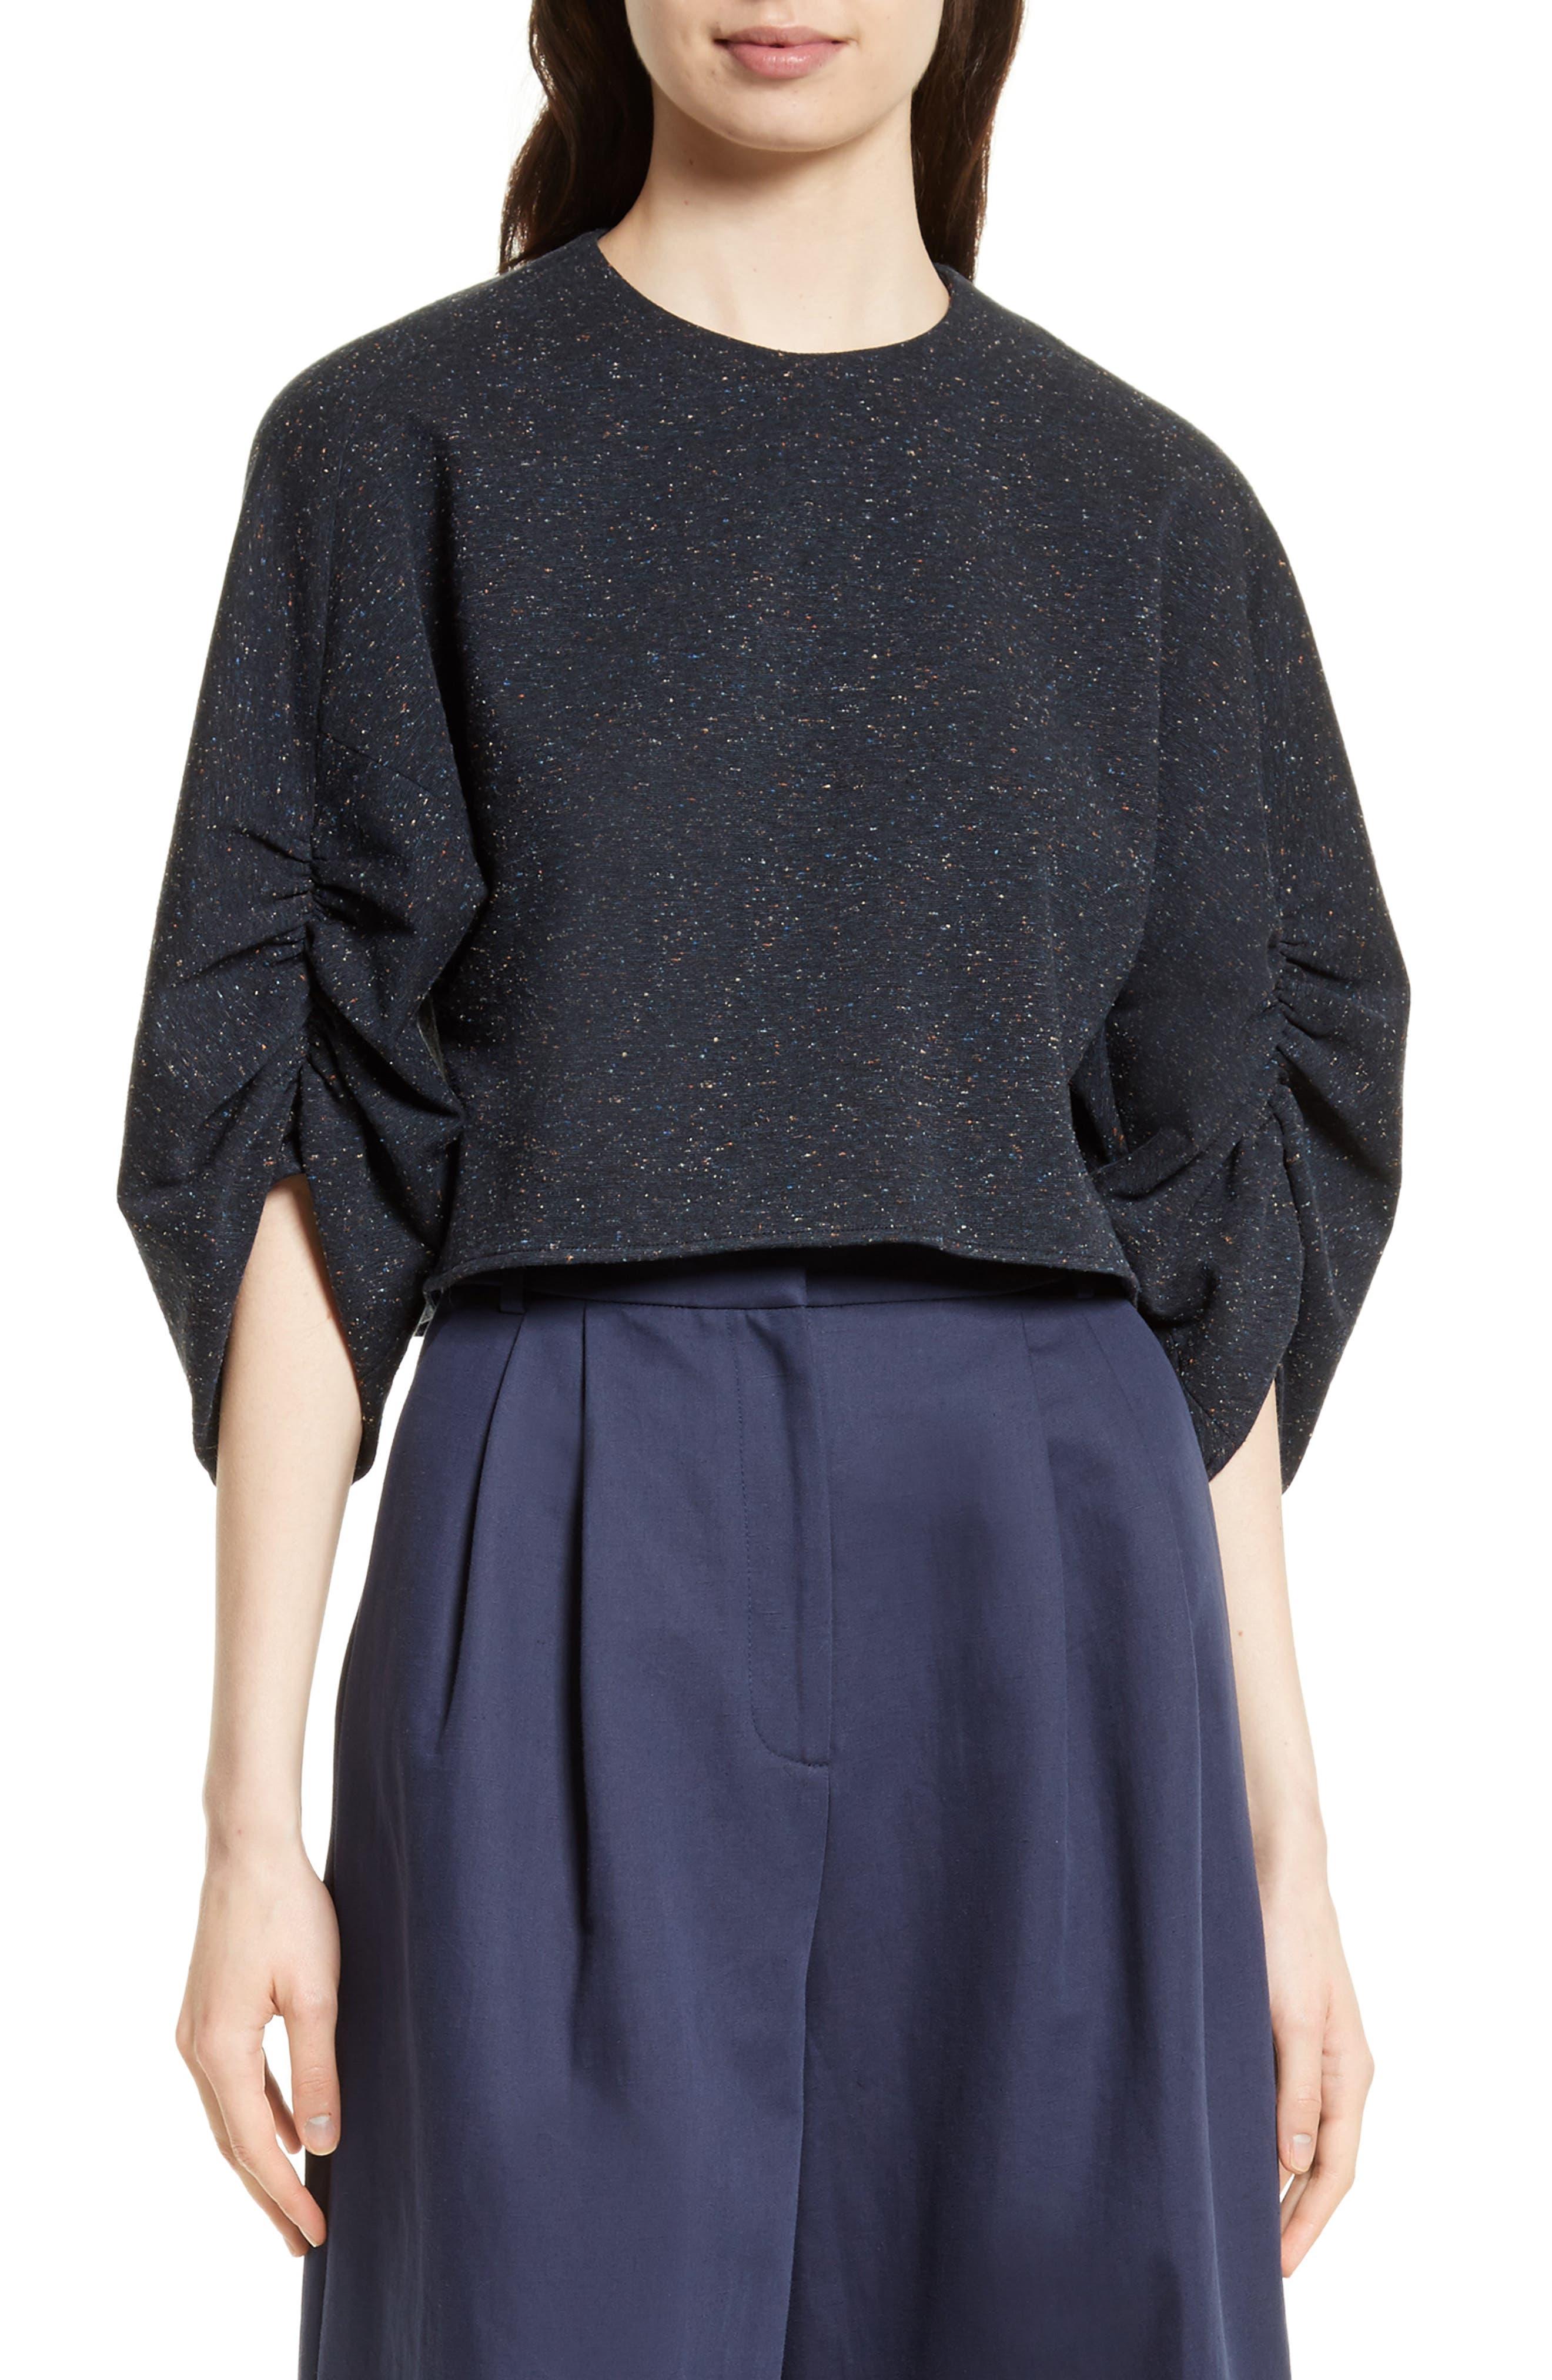 Imogen Tweed Top,                         Main,                         color, Navy Melange